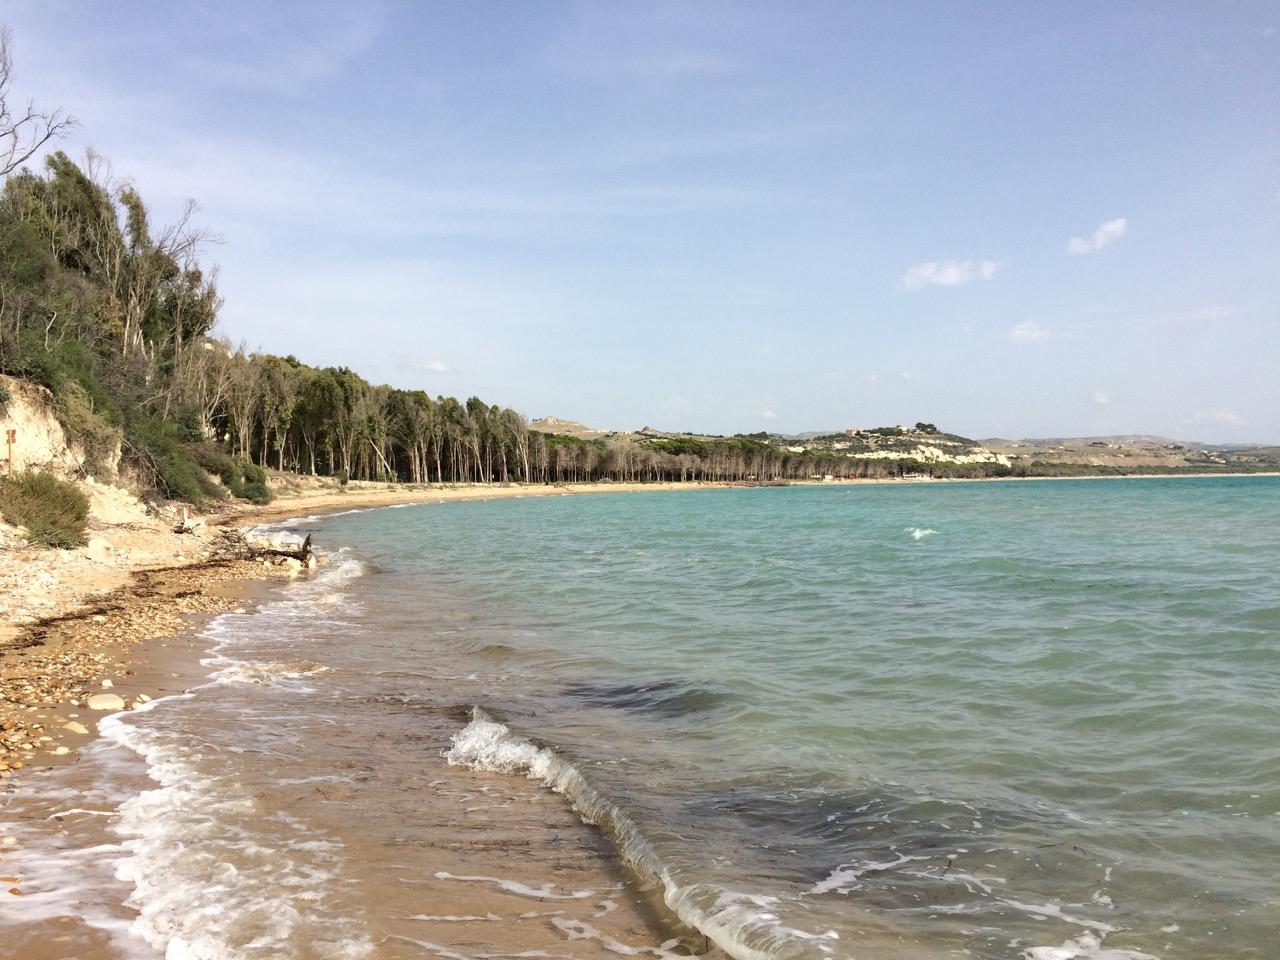 Eraclea Minoa Beach